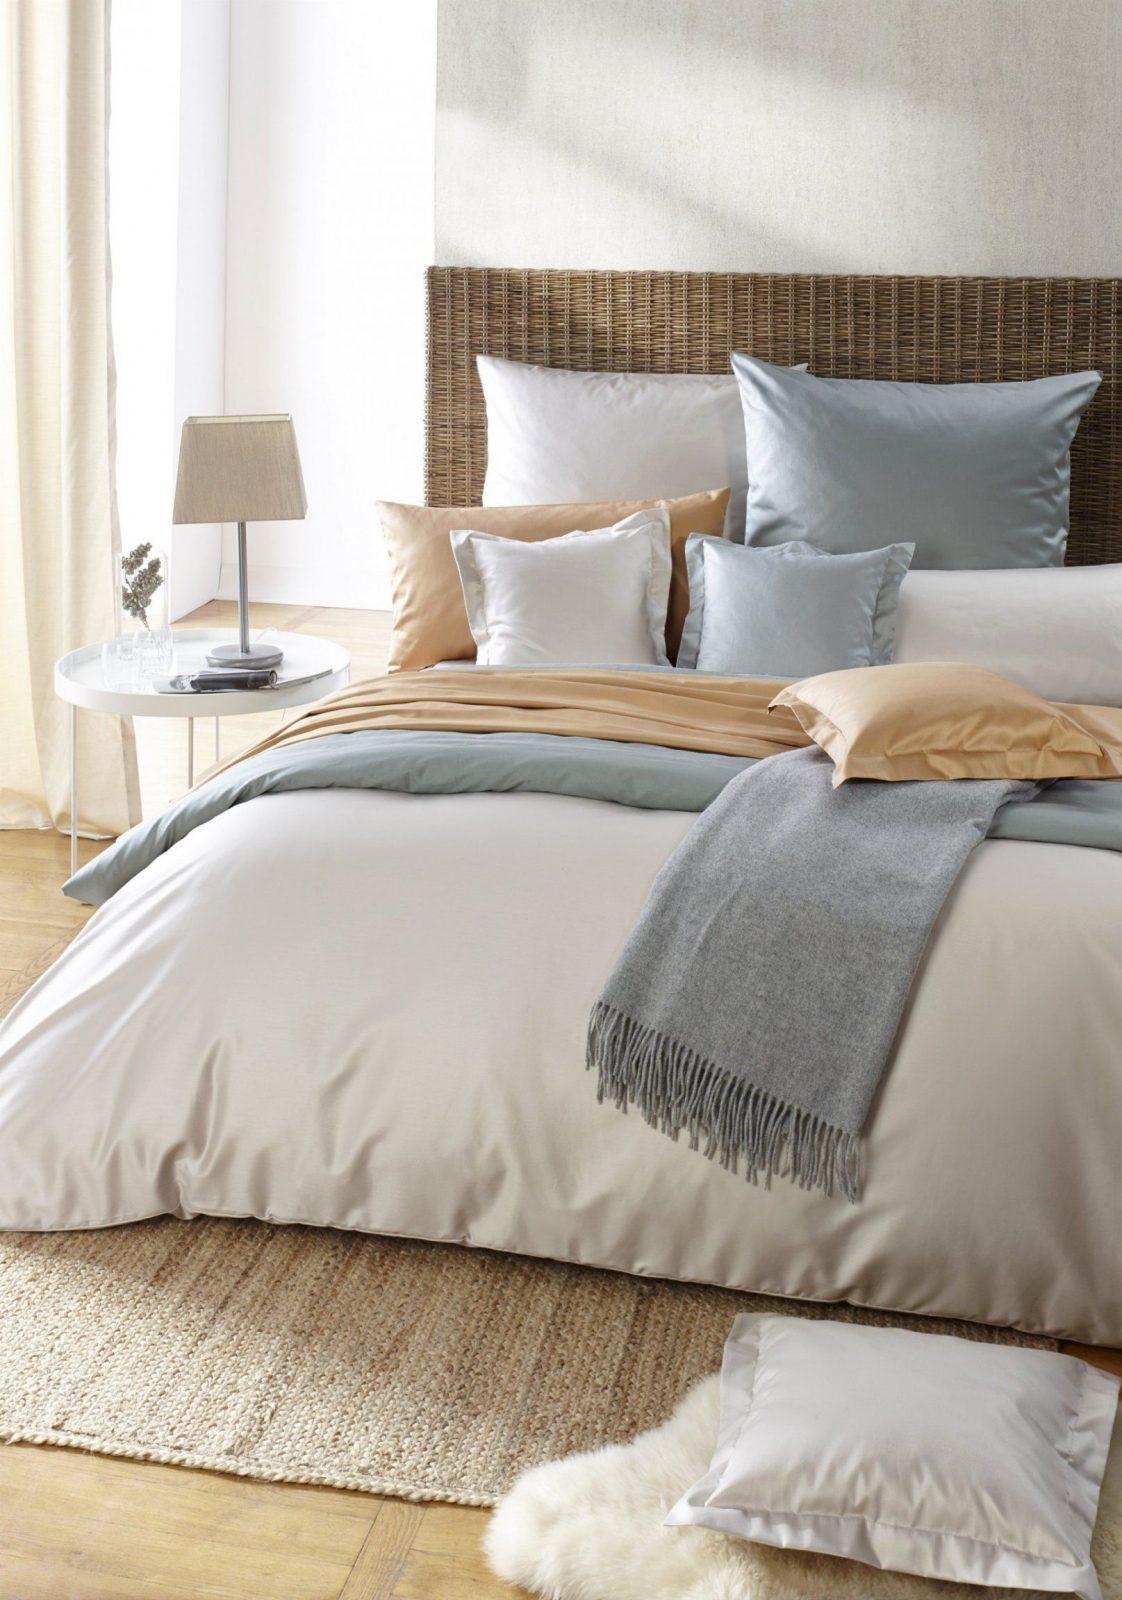 Qvc Bettwäsche Outlet Teppich Färben Spray Luxus Schlafzimmer Deko